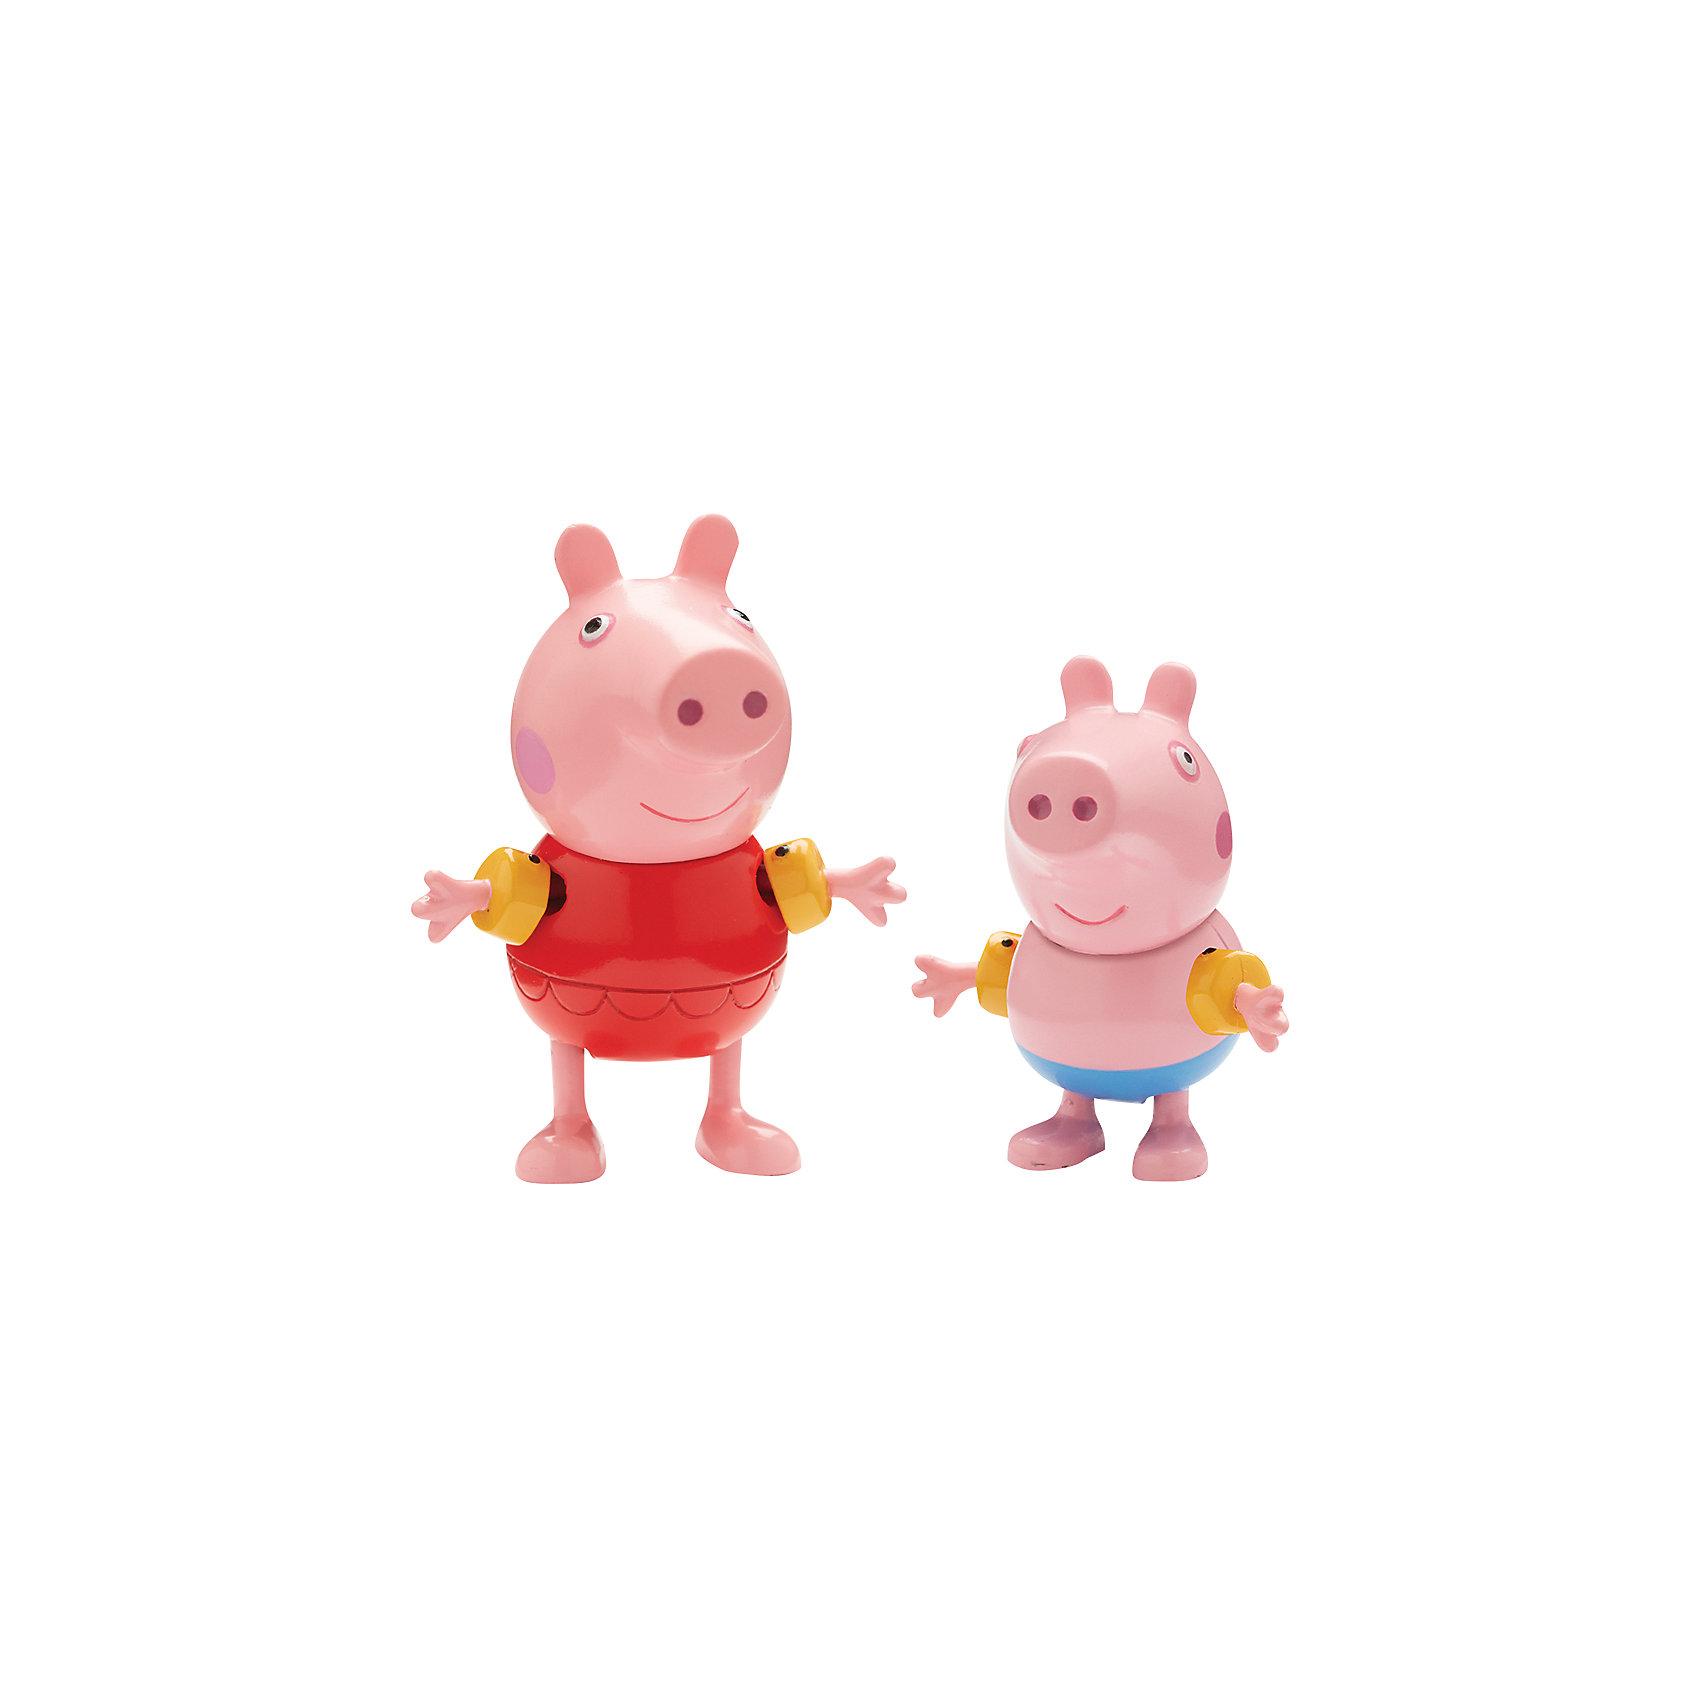 Росмэн Игровой набор Пеппа на каникулах, Peppa Pig peppa pig игровой набор дом пеппы с садом 31611